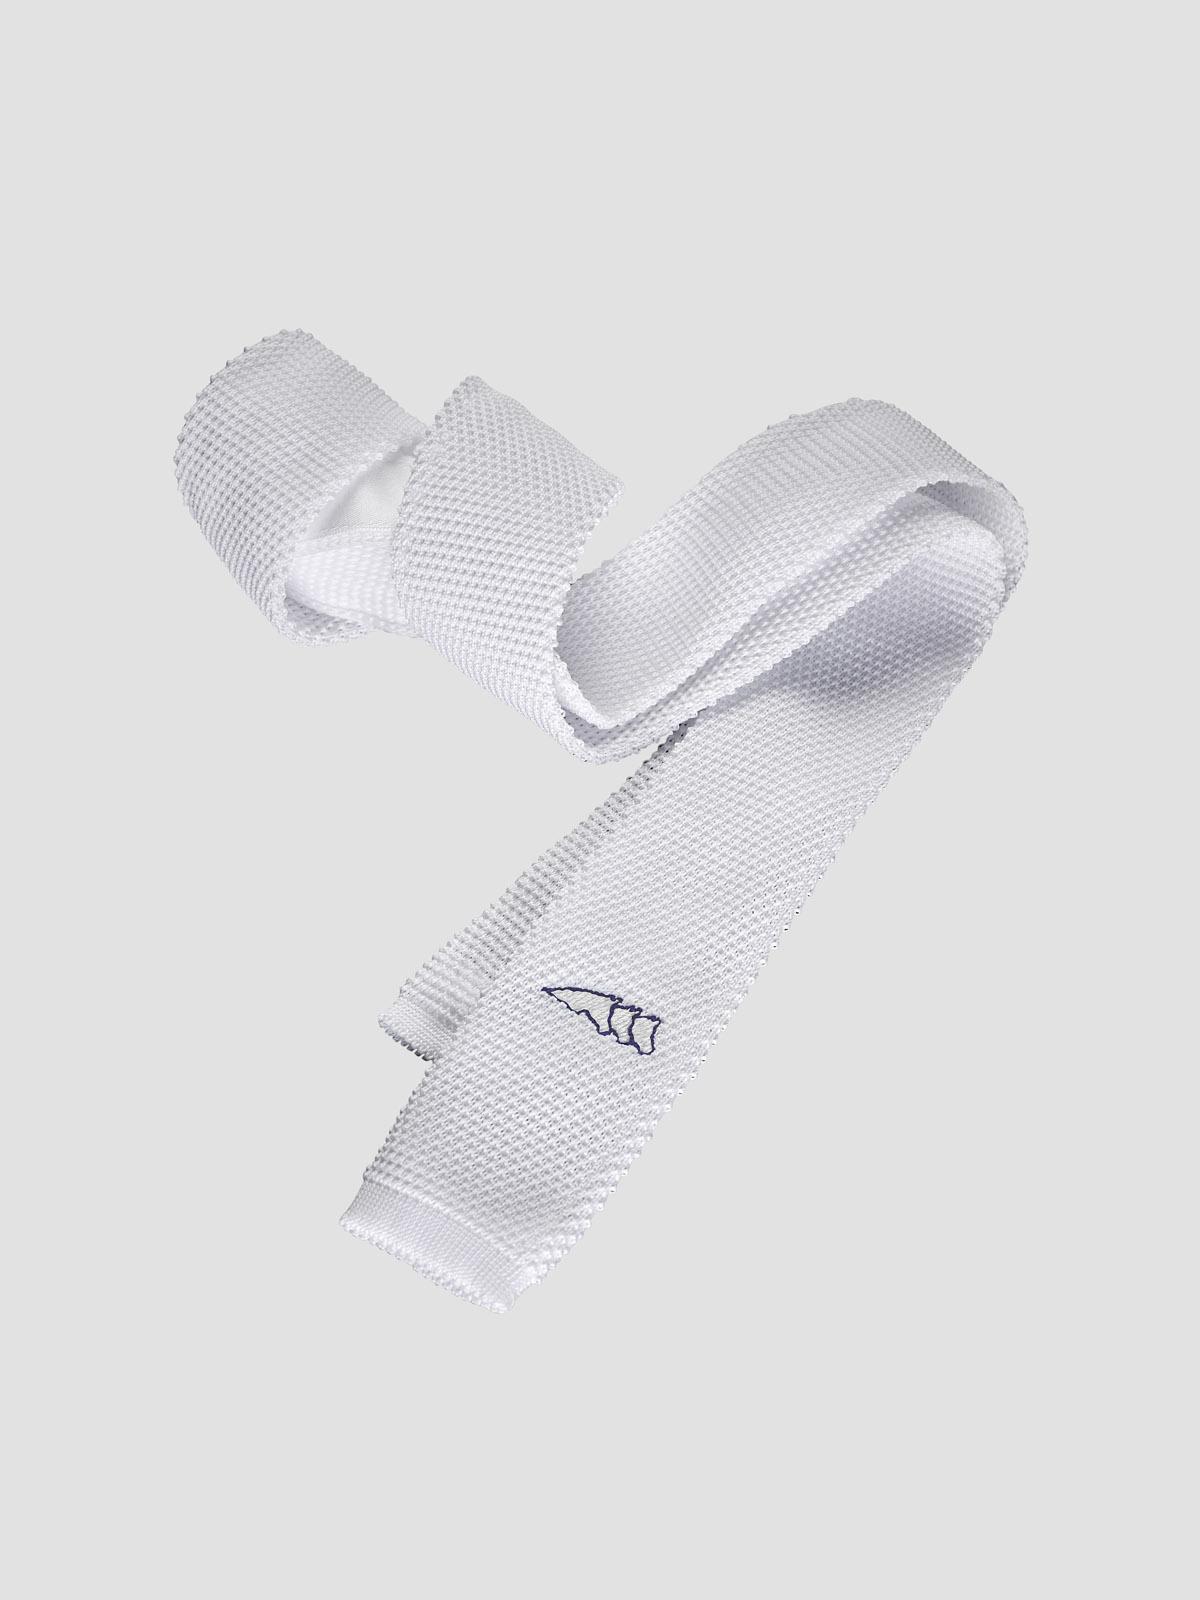 NEW SLIM TIE - Knit Cotton Slim Tie 1